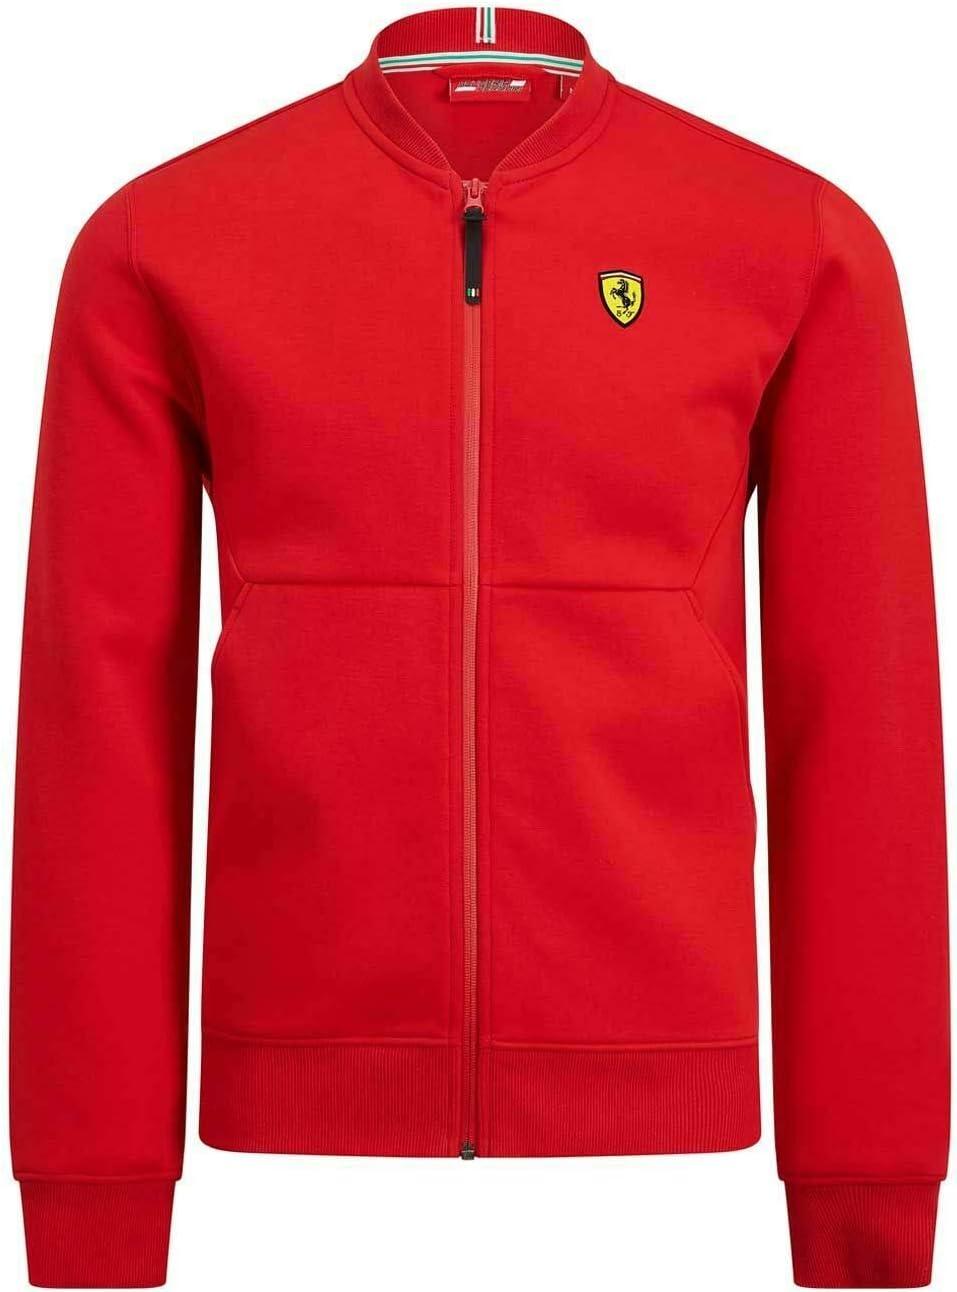 Scuderia Ferrari F1 Bomber Jacket Red Branded Sports Merchandising B.V